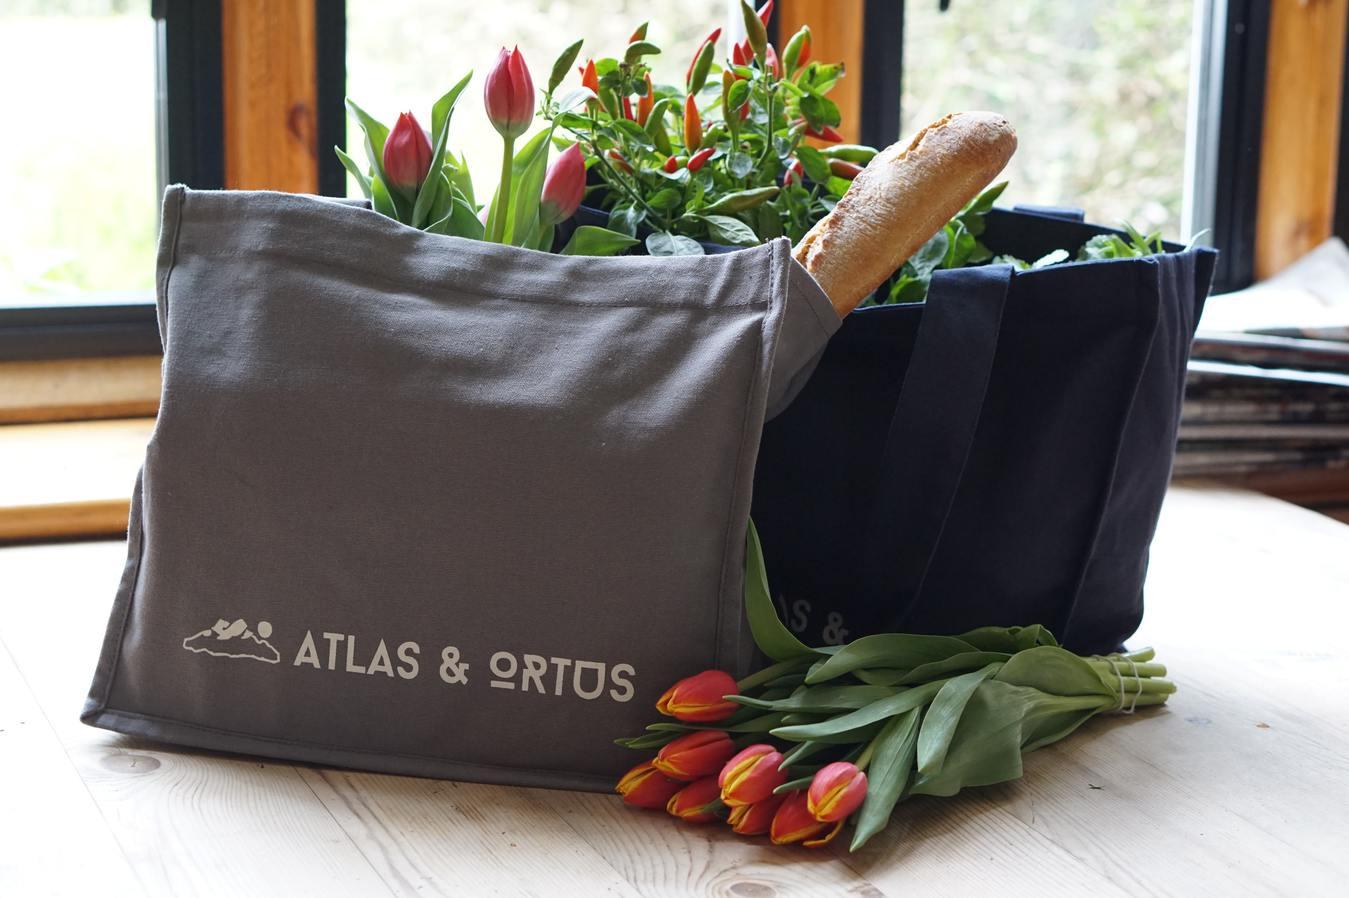 Comida nos sacos de compras numa mesa